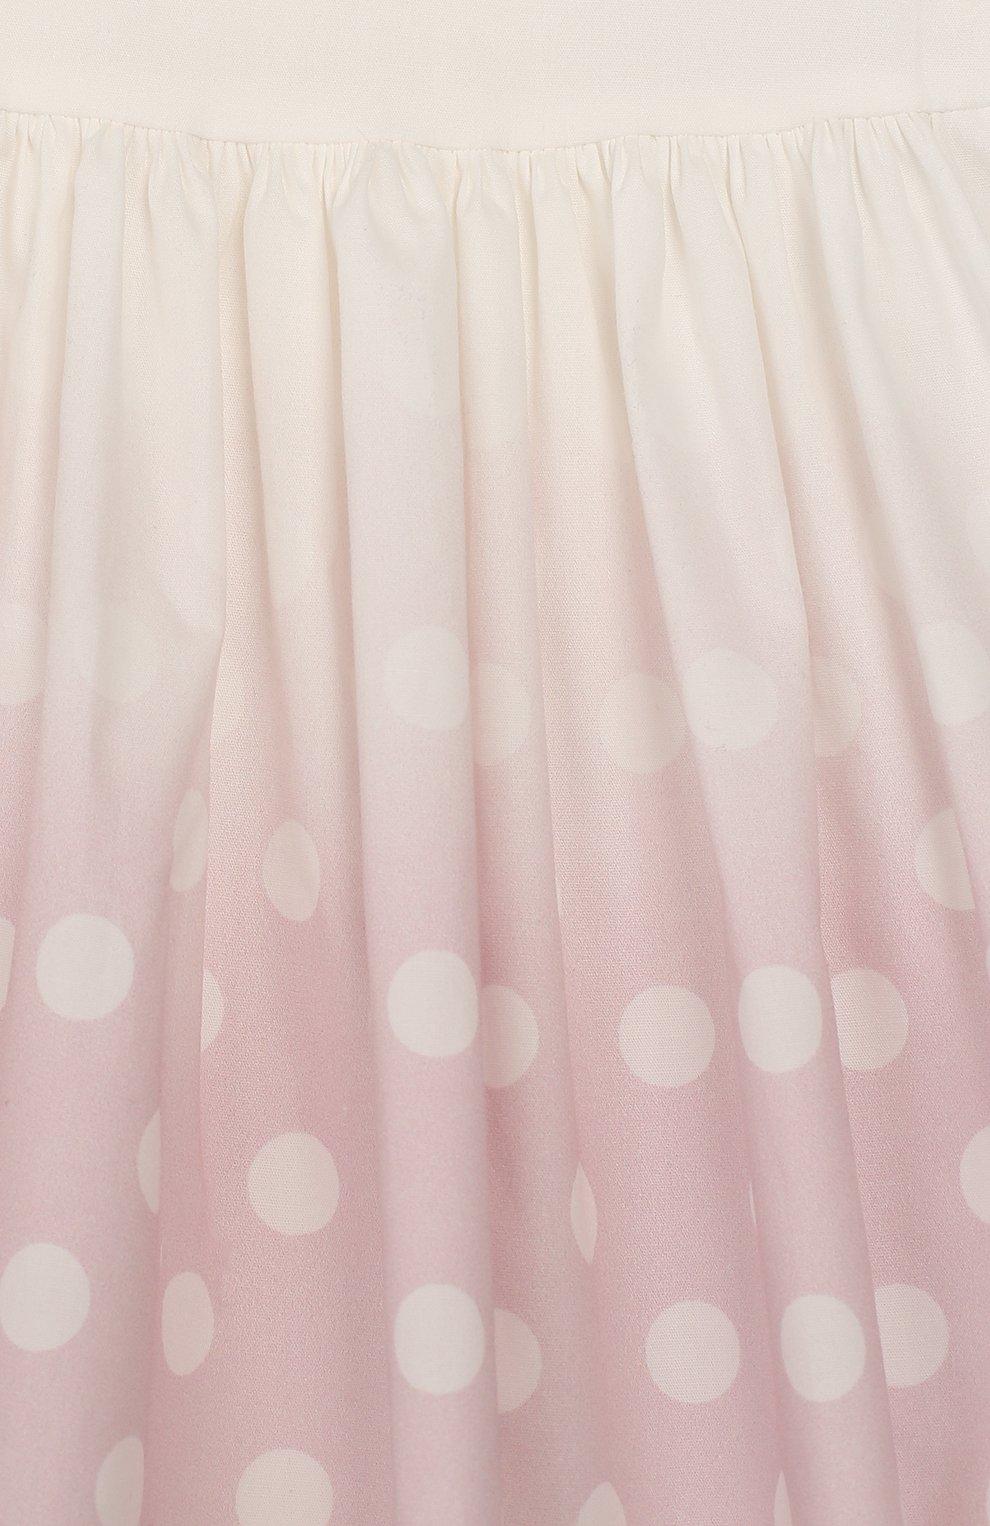 Женский хлопковое платье MONNALISA розового цвета, арт. 315909 | Фото 3 (Рукава: Короткие; Материал внешний: Хлопок; Ростовка одежда: 12 мес | 80 см, 18 мес | 86 см, 24 мес | 92 см, 6 мес | 68 см, 9 мес | 74 см)